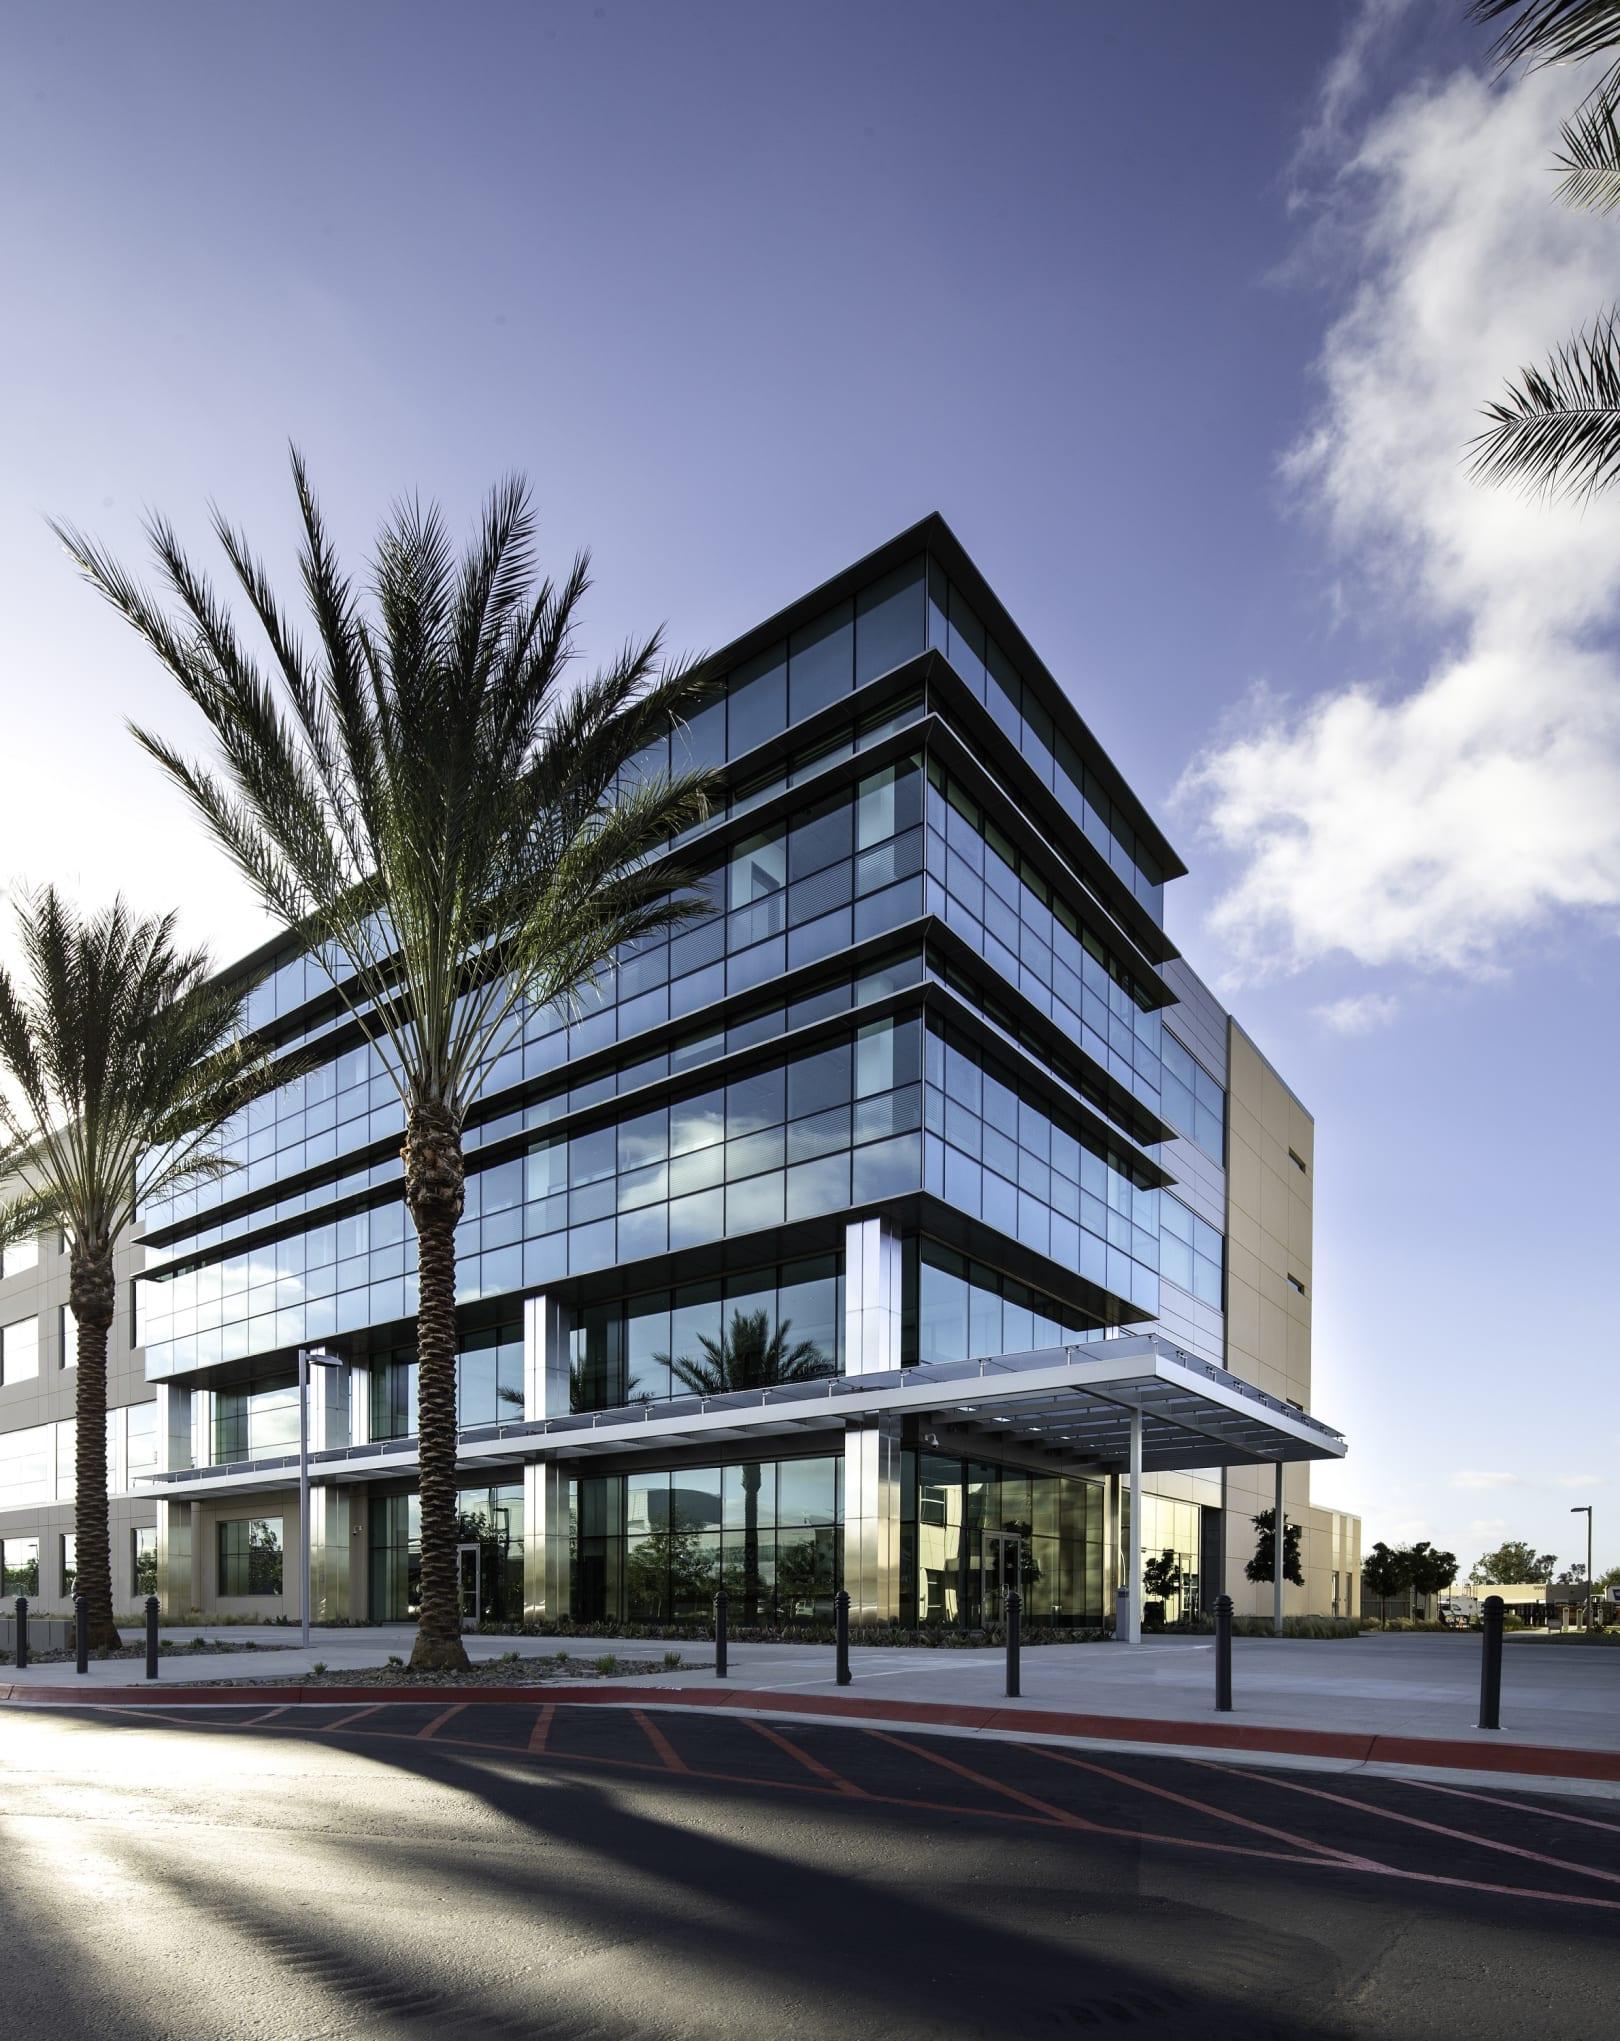 San Diego Sheriffs Crime Lab - 1 R